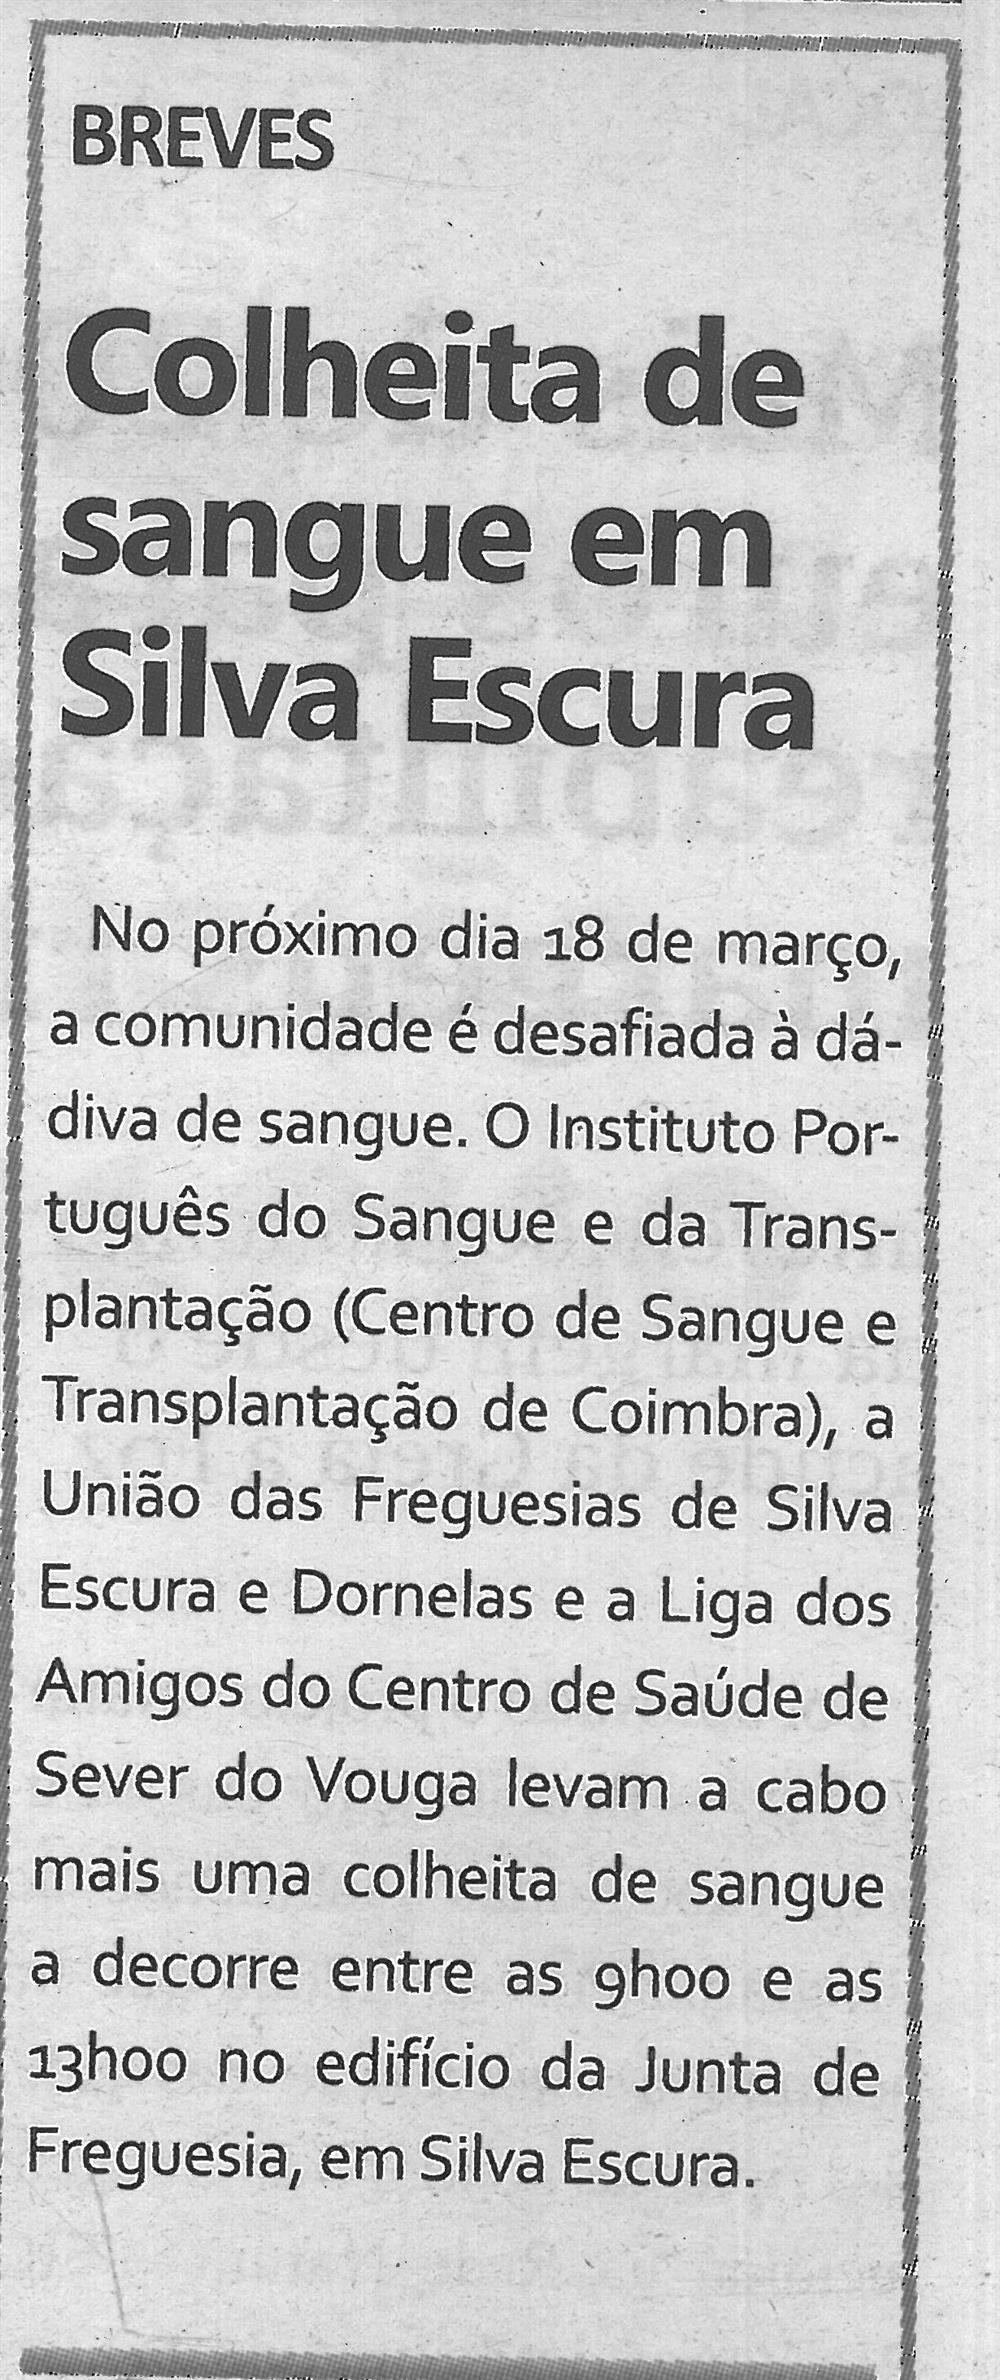 TV-mar.'18-p.7-Colheita de sangue em Silva Escura.jpg